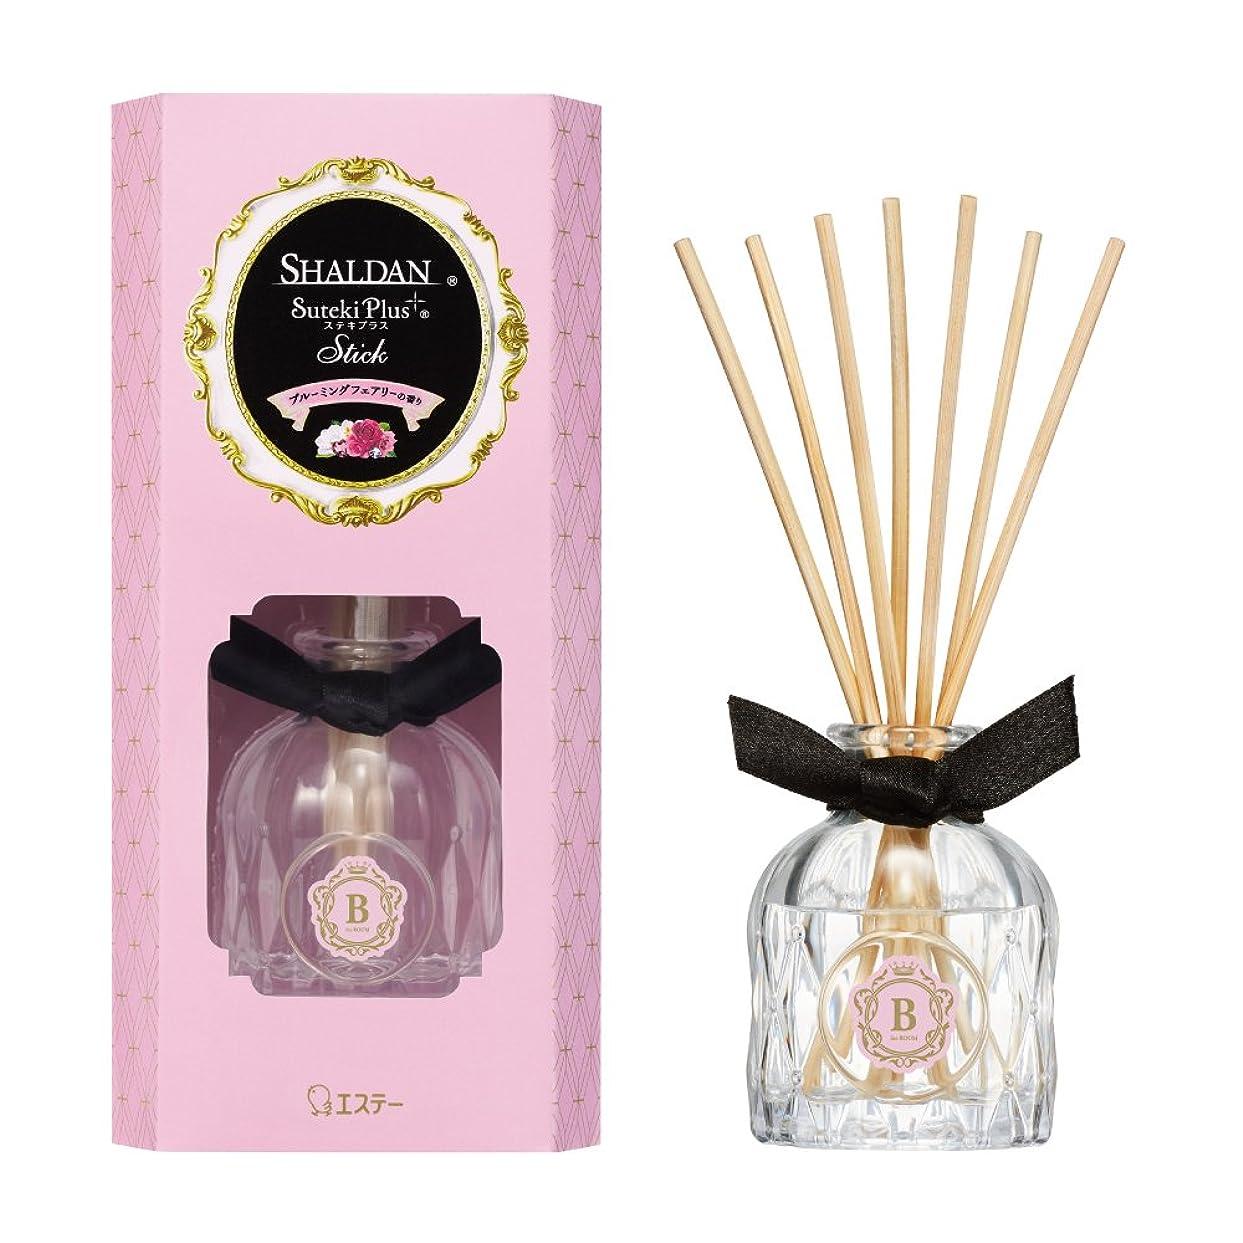 魔術宣言する醸造所シャルダン SHALDAN ステキプラス スティック 芳香剤 部屋用 ブルーミングフェアリーの香り 45mL